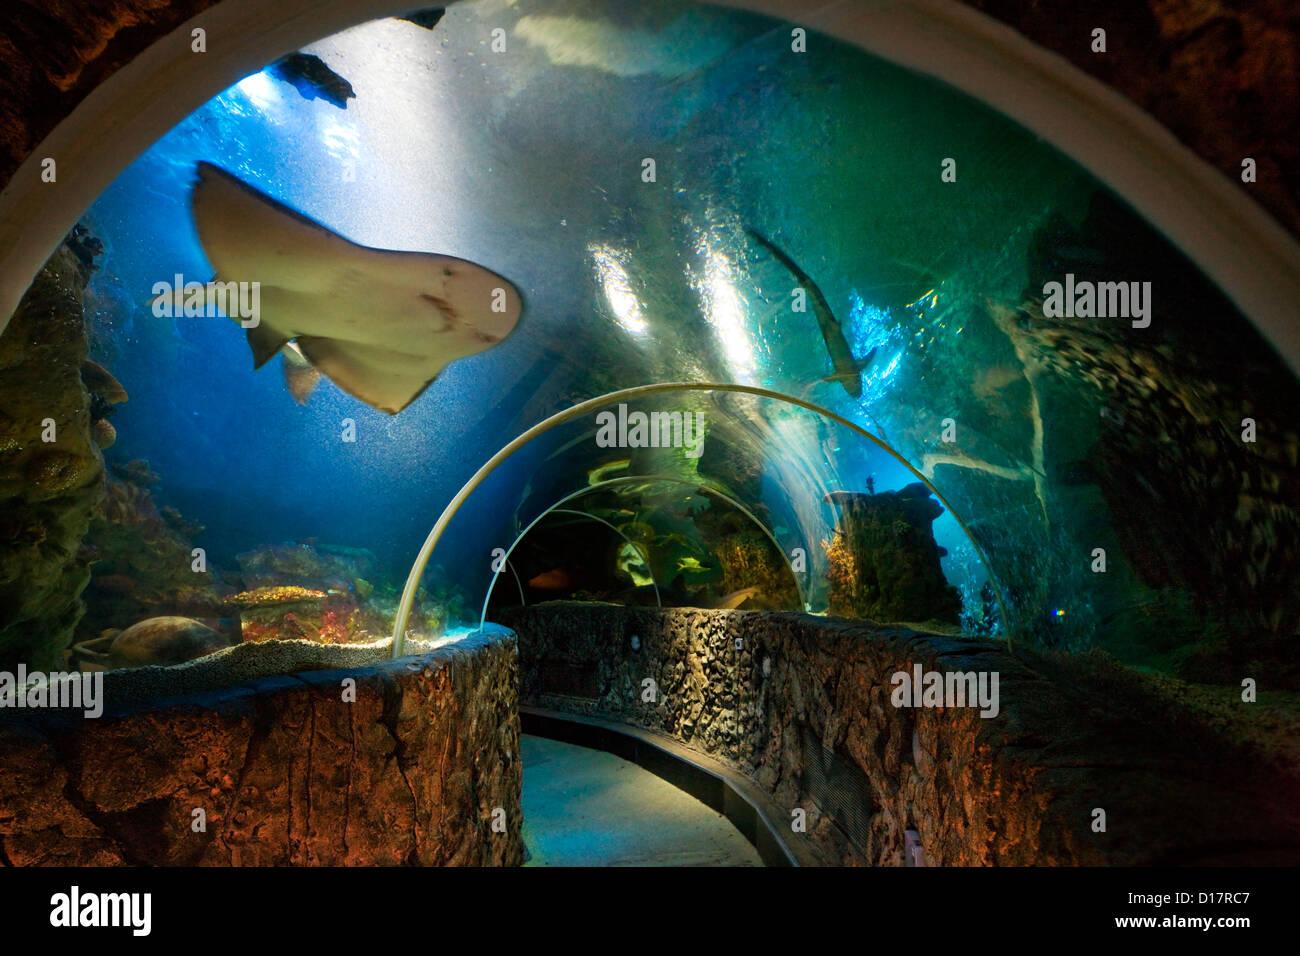 Underwater world at the Sealife centre aquarium at Blankenberge, Belgium - Stock Image